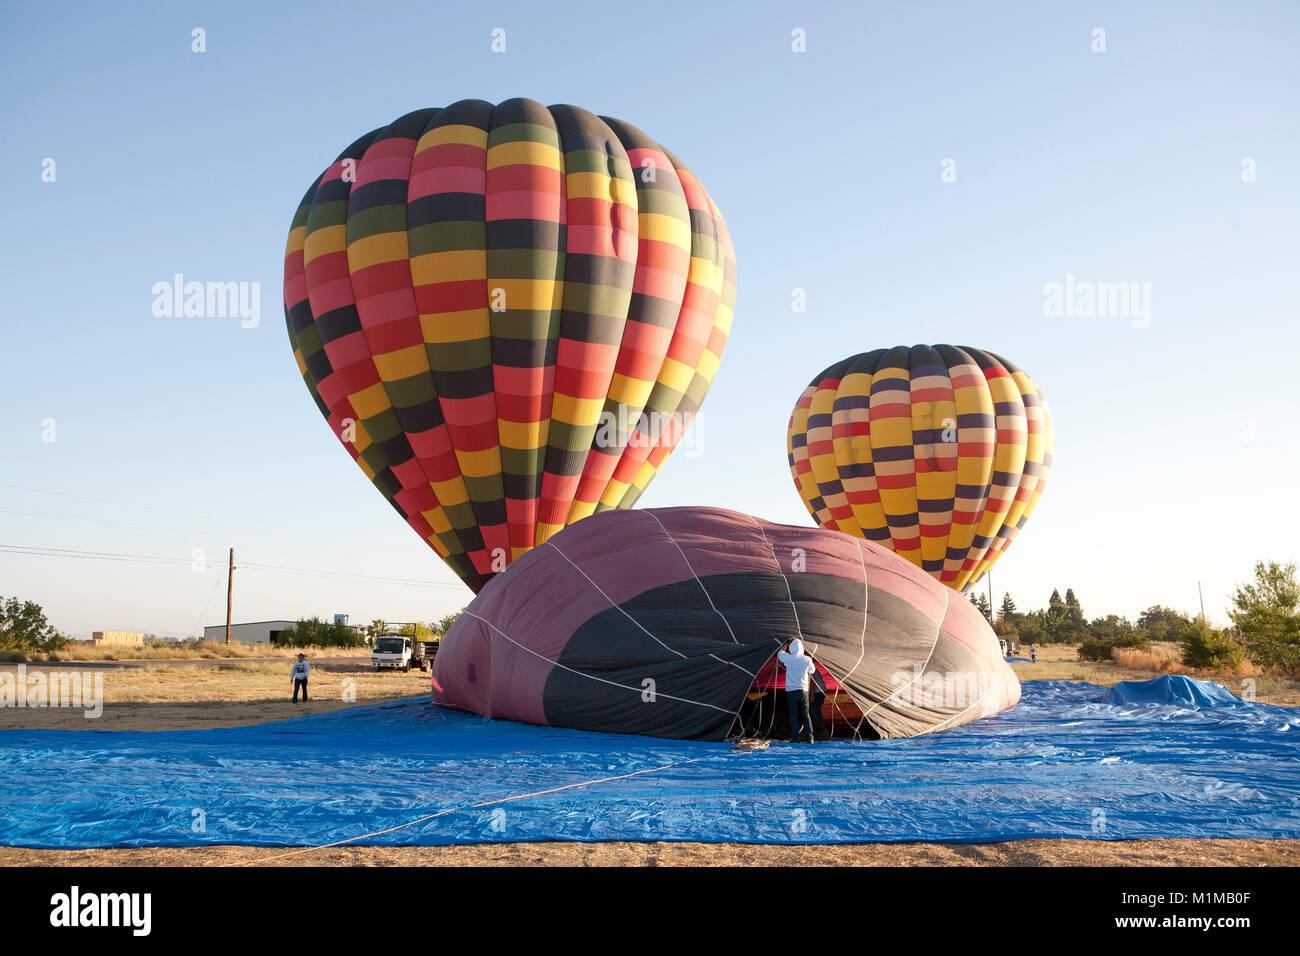 Palloni Ad Aria Calda.I Palloni Ad Aria Calda In Volo Con Colori Vibranti Contro La